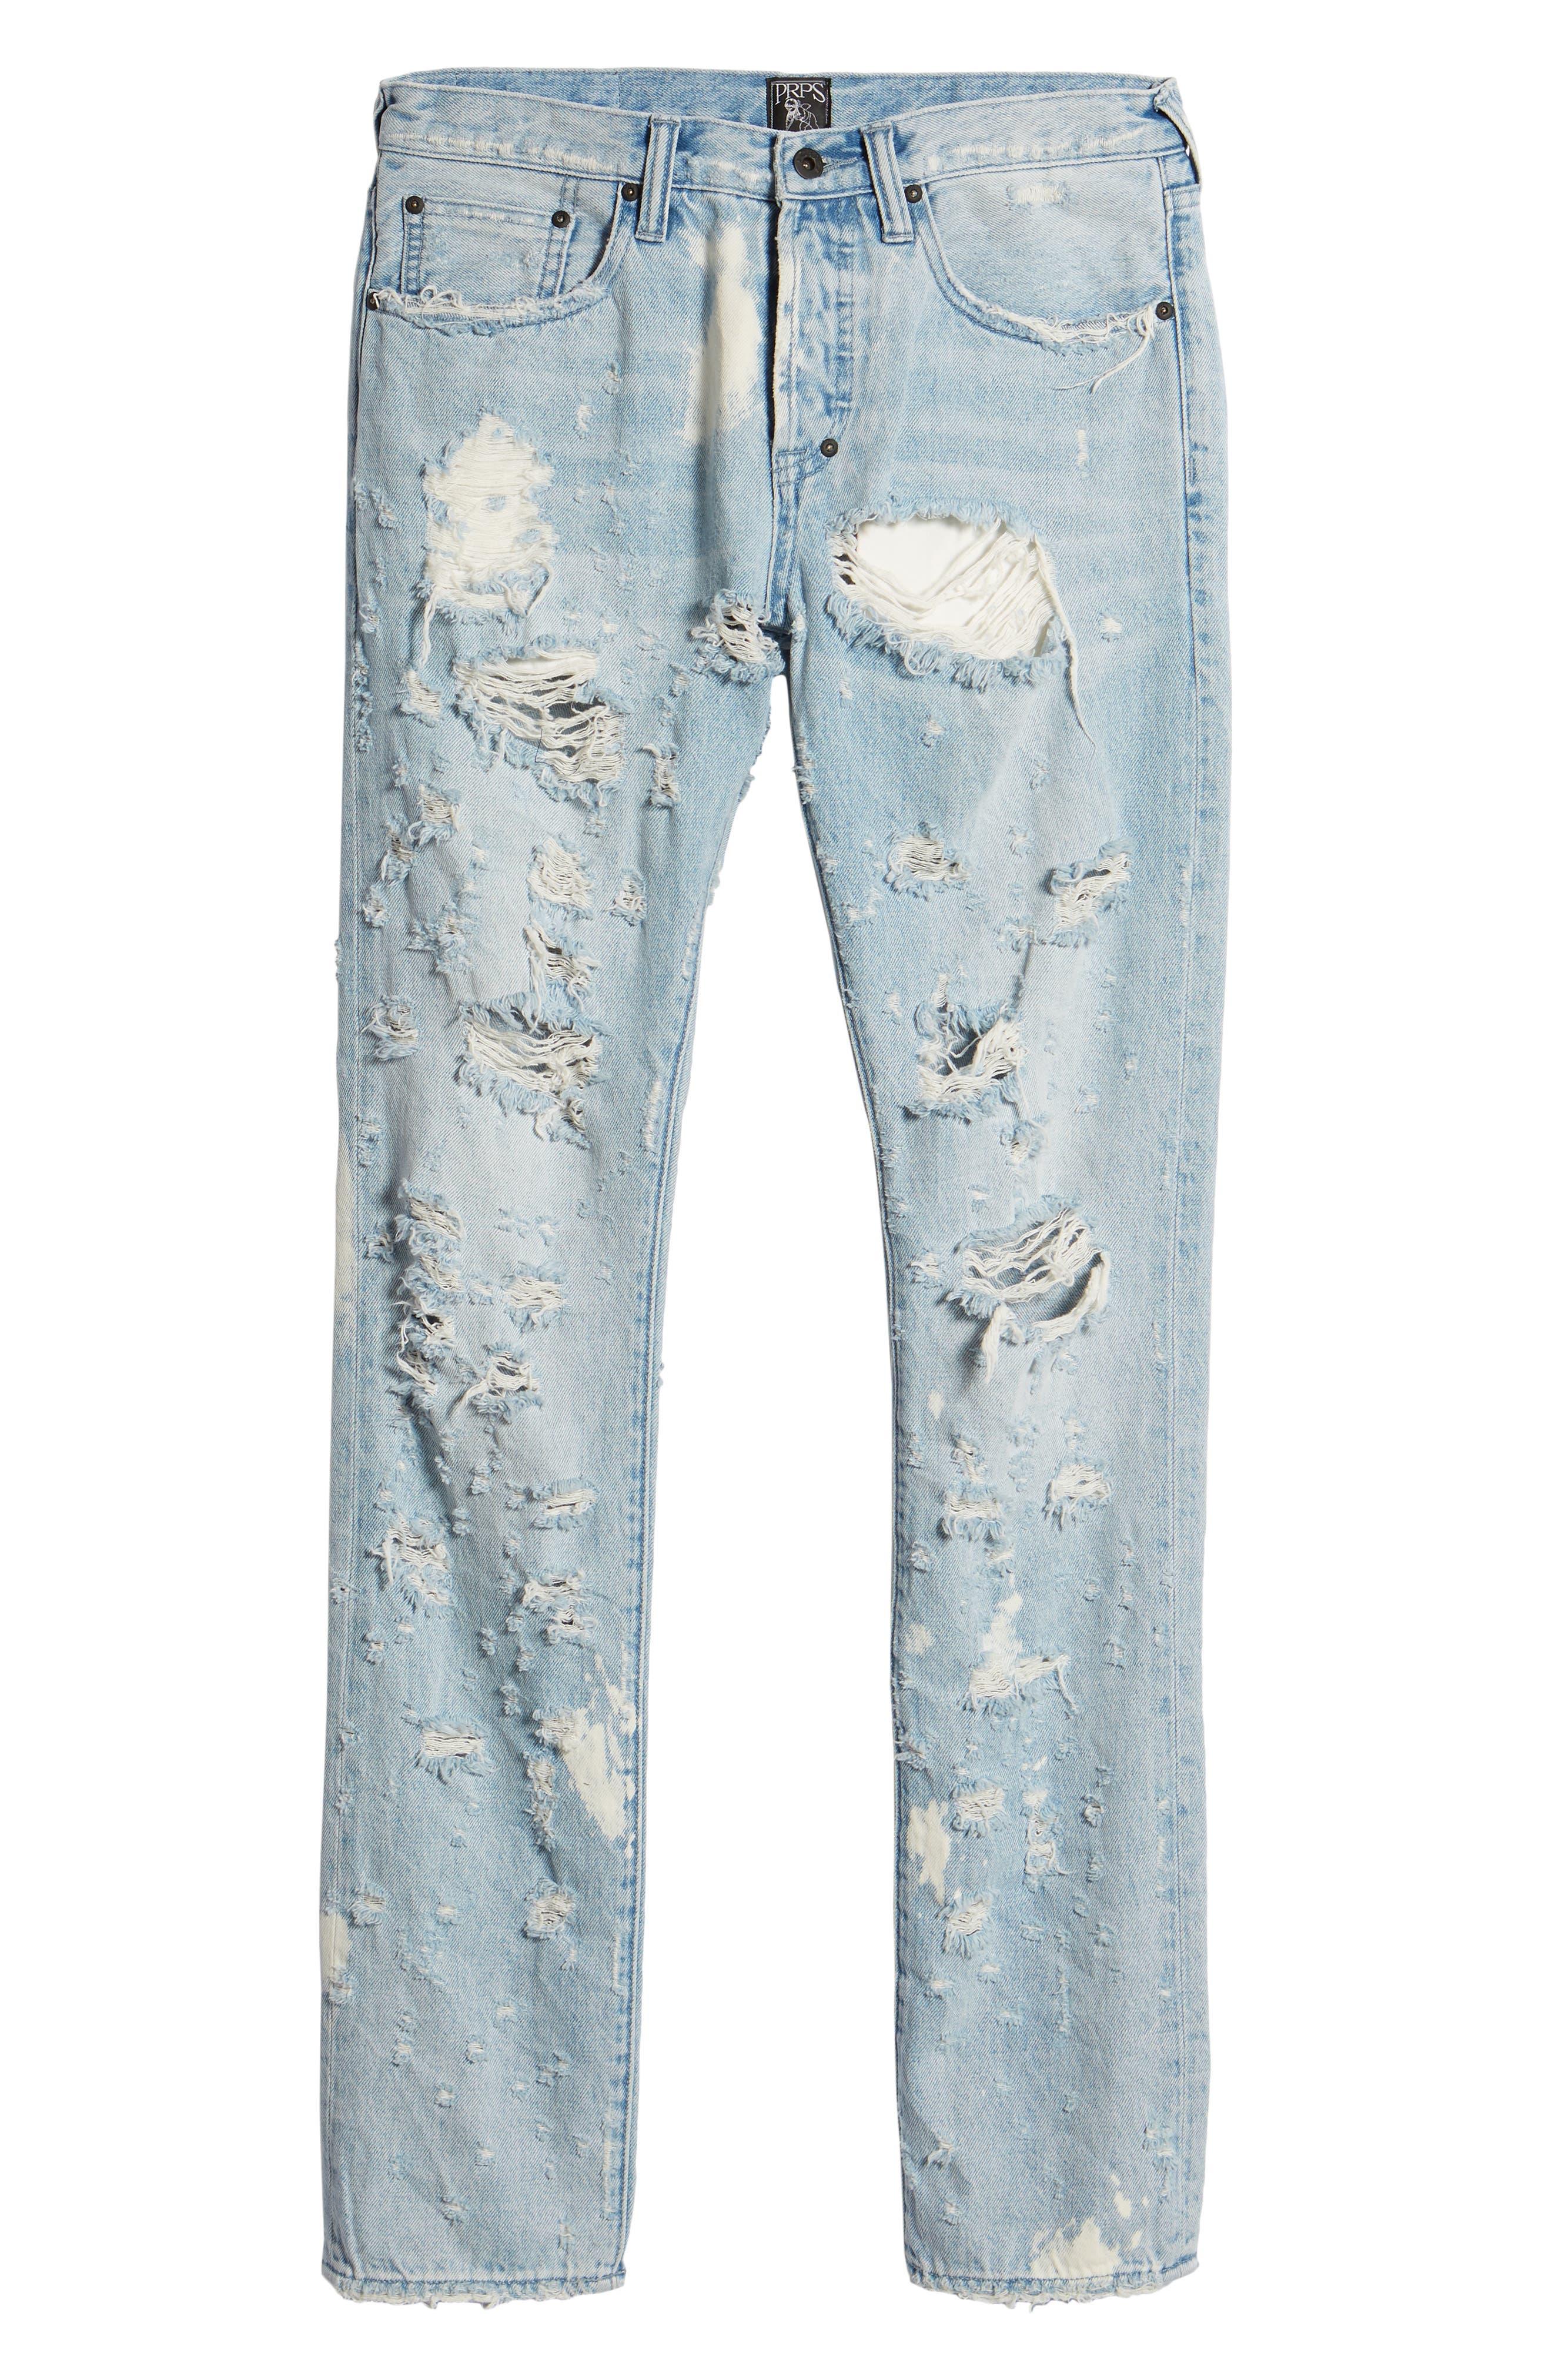 Le Sabre Slim Fit Jeans,                             Alternate thumbnail 6, color,                             Lavish